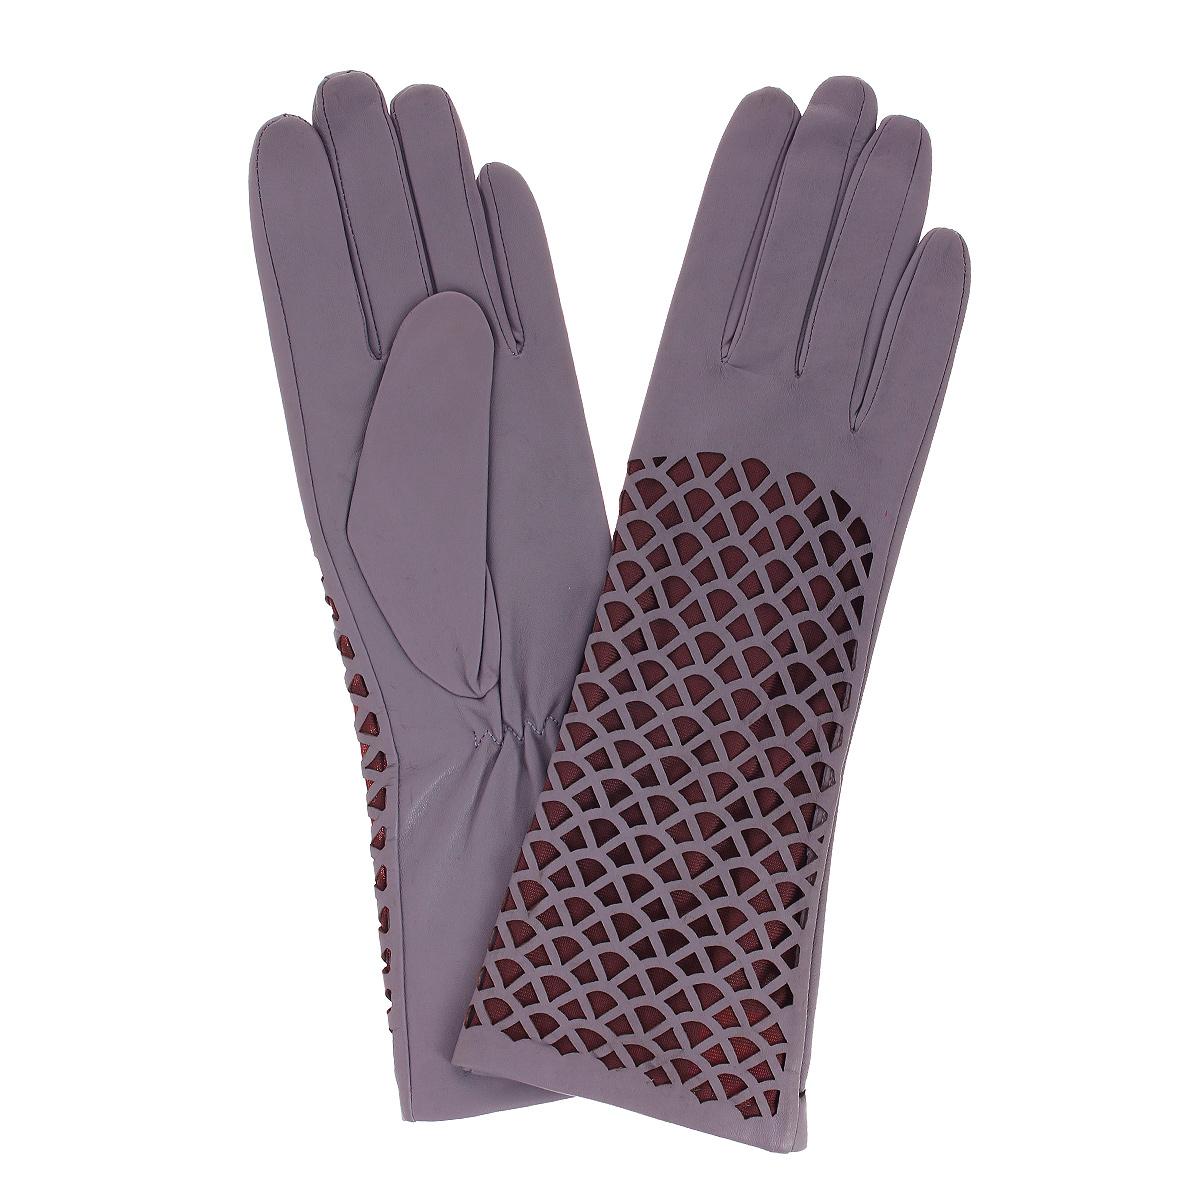 ПерчаткиПерчатки Женские K81-ZEY/PETAL (60)Стильные перчатки Michel Katana с шелковой подкладкой выполнены из мягкой и приятной на ощупь натуральной кожи ягненка. С лицевой стороны перчатки оформлены декоративной перфорацией. Перчатки станут достойным элементом вашего стиля и сохранят тепло ваших рук. Это не просто модный аксессуар, но и уникальный авторский стиль, наполненный духом севера Франции.